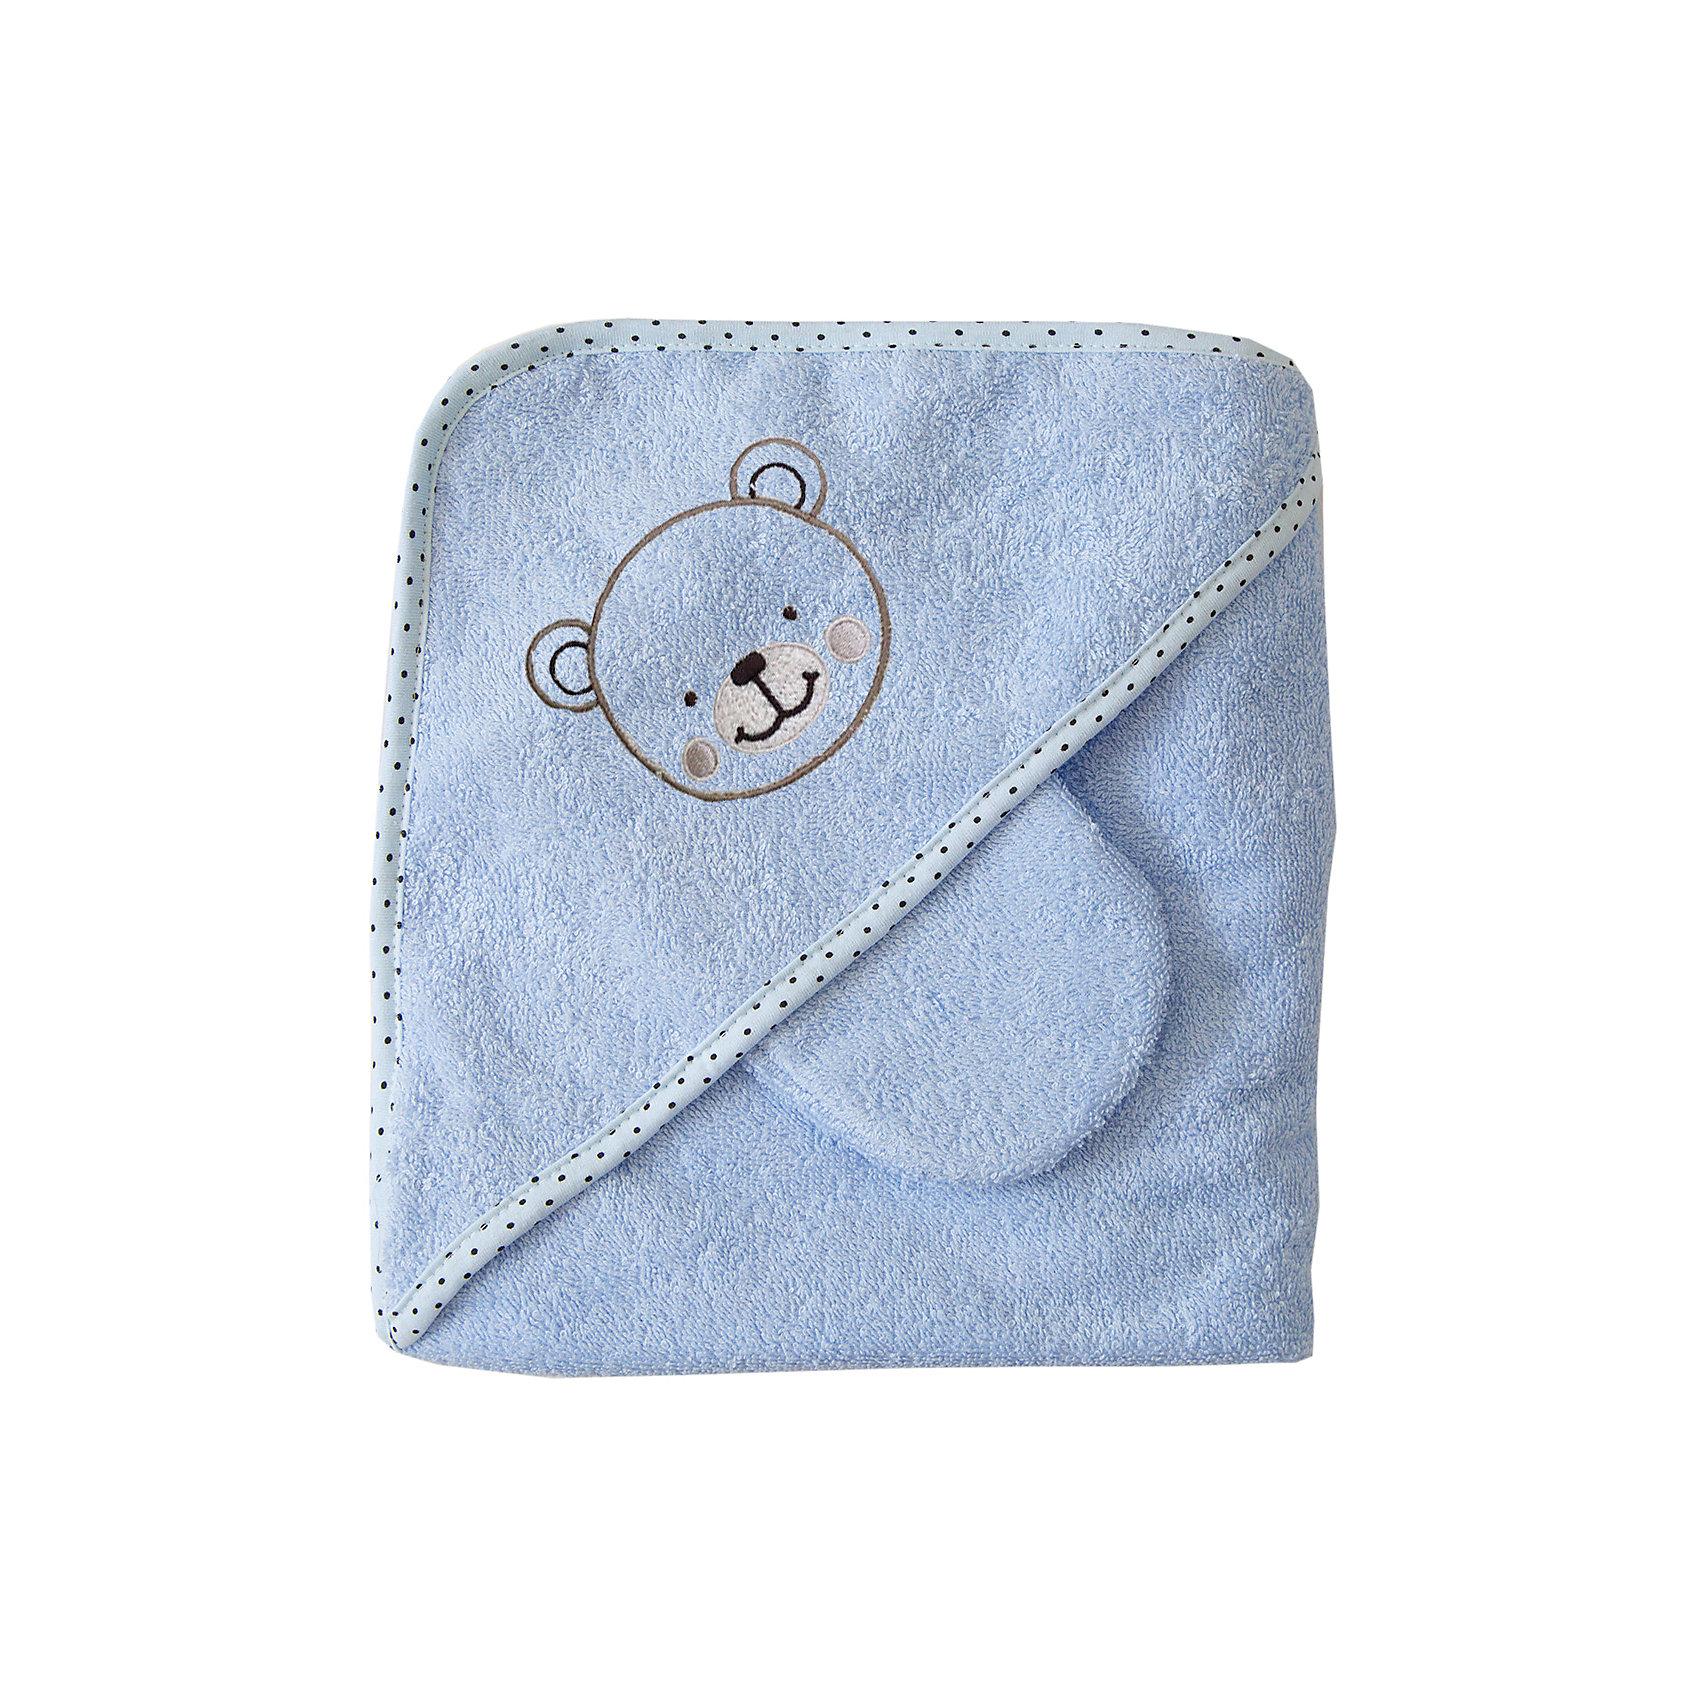 Махровое полотенце с уголком, 75х75см., Baby Nice, голубойПолотенца, мочалки, халаты<br>Комплект махровый для купания детский изготовлен из 100% натурального хлопка — уютный и очень комфортный по тактильным ощущениям. Специальная обработка плотной махровой ткани придает ей особые впитывающие влагу свойства, а также необыкновенную мягкость и пушистость. В комплект входит большой уголок 120Х120 см, который служит малышу одновременно полотенцем и капюшоном, а так же варежка для мытья ребенка и две салфетки. Комплекты махровые для купания окрашены гипоаллергенными красителями<br><br>Ширина мм: 250<br>Глубина мм: 250<br>Высота мм: 50<br>Вес г: 200<br>Возраст от месяцев: 0<br>Возраст до месяцев: 12<br>Пол: Унисекс<br>Возраст: Детский<br>SKU: 6885015